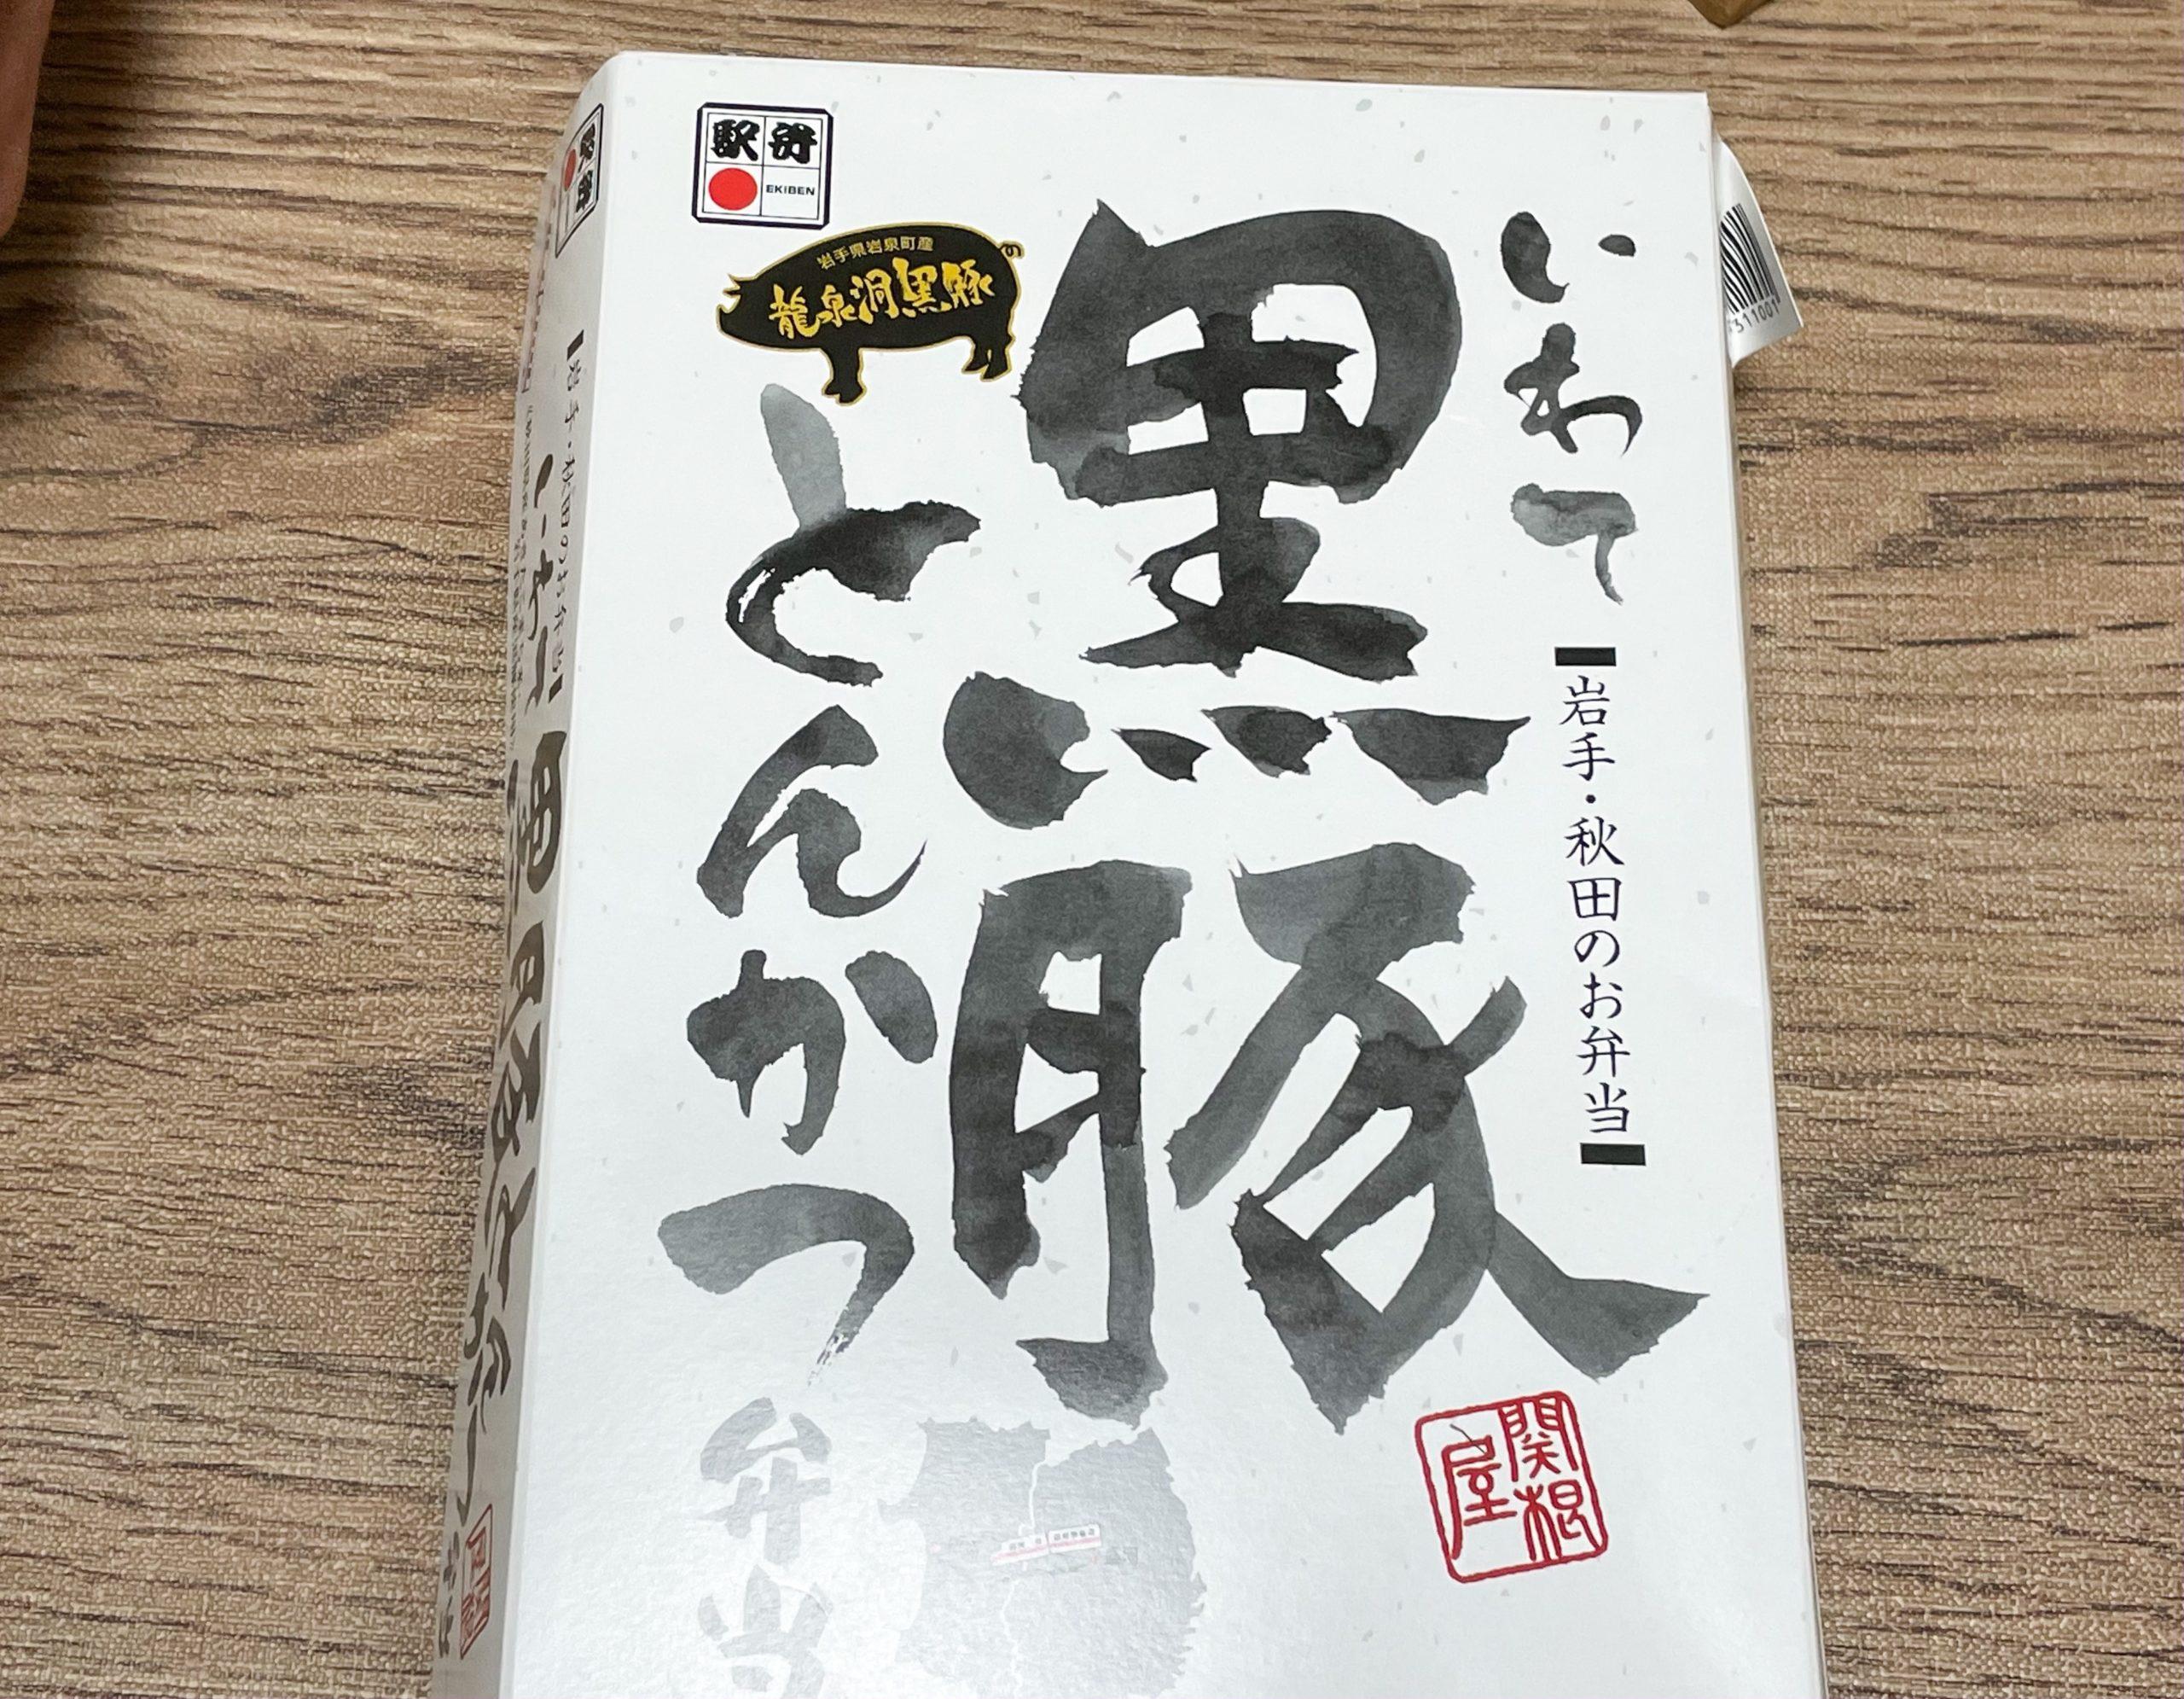 東京駅 駅弁 龍泉洞の黒豚とんかつ弁当 パッケージ